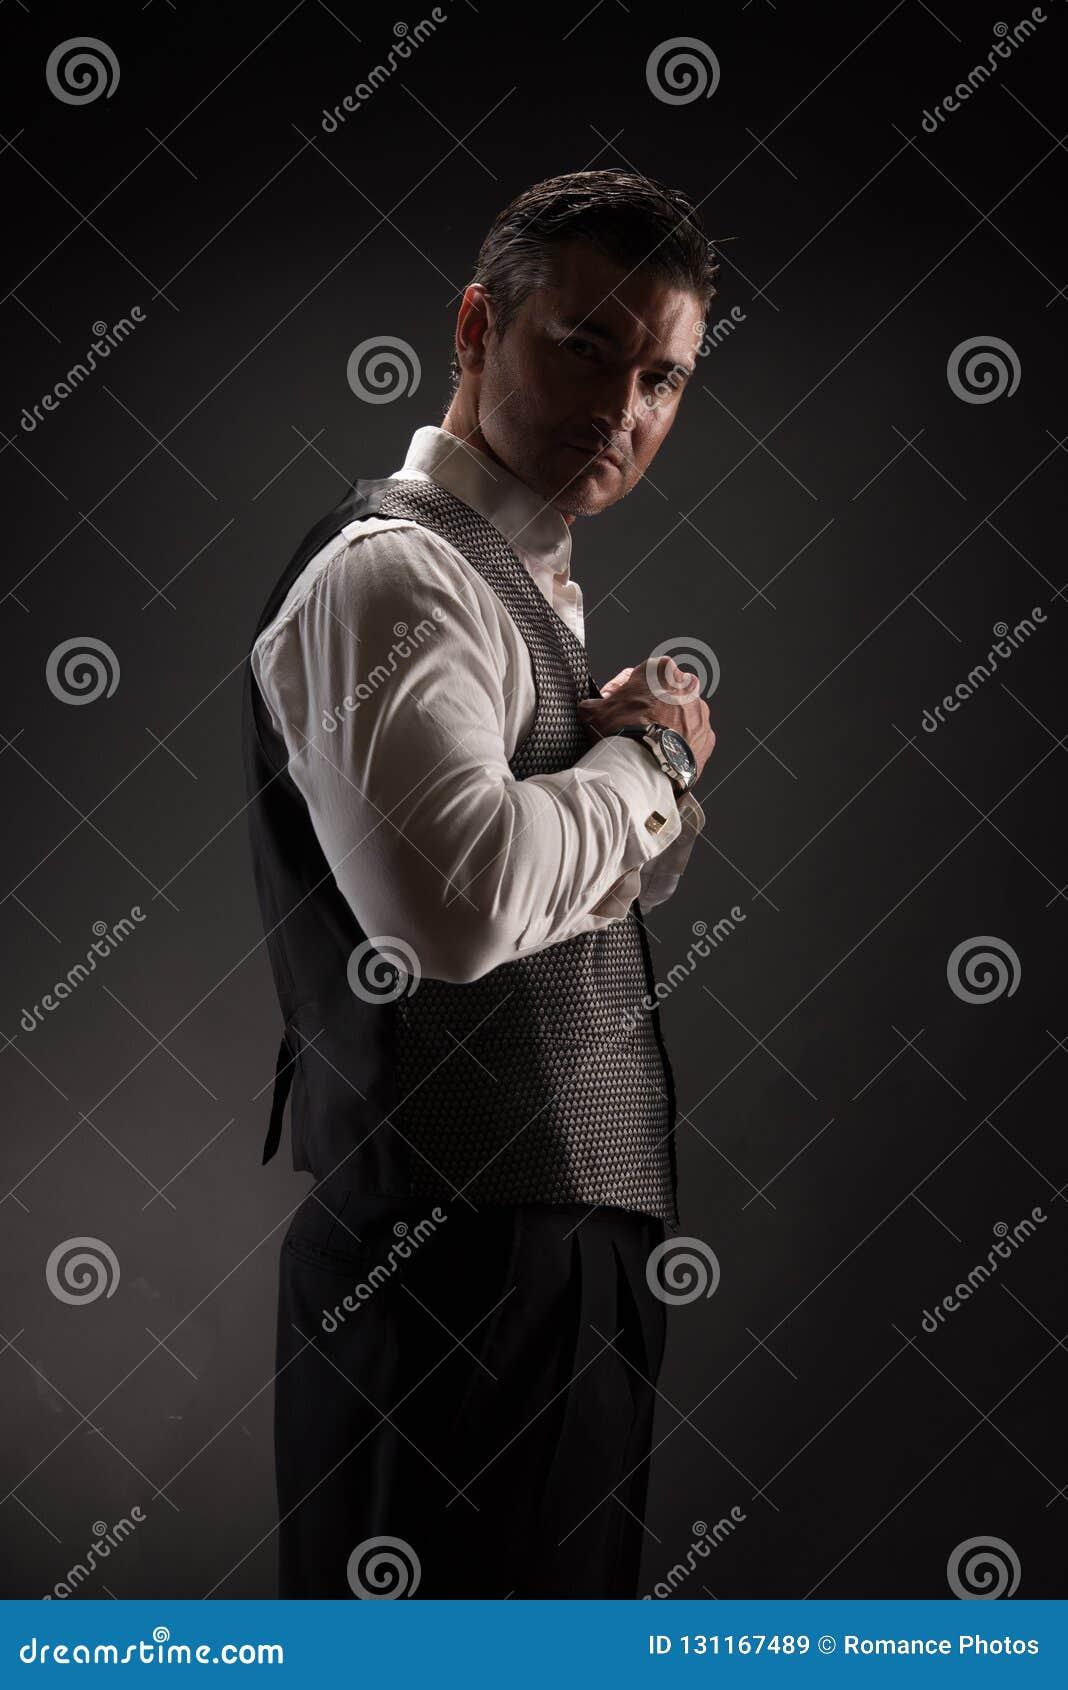 Mannen poserar för kameran